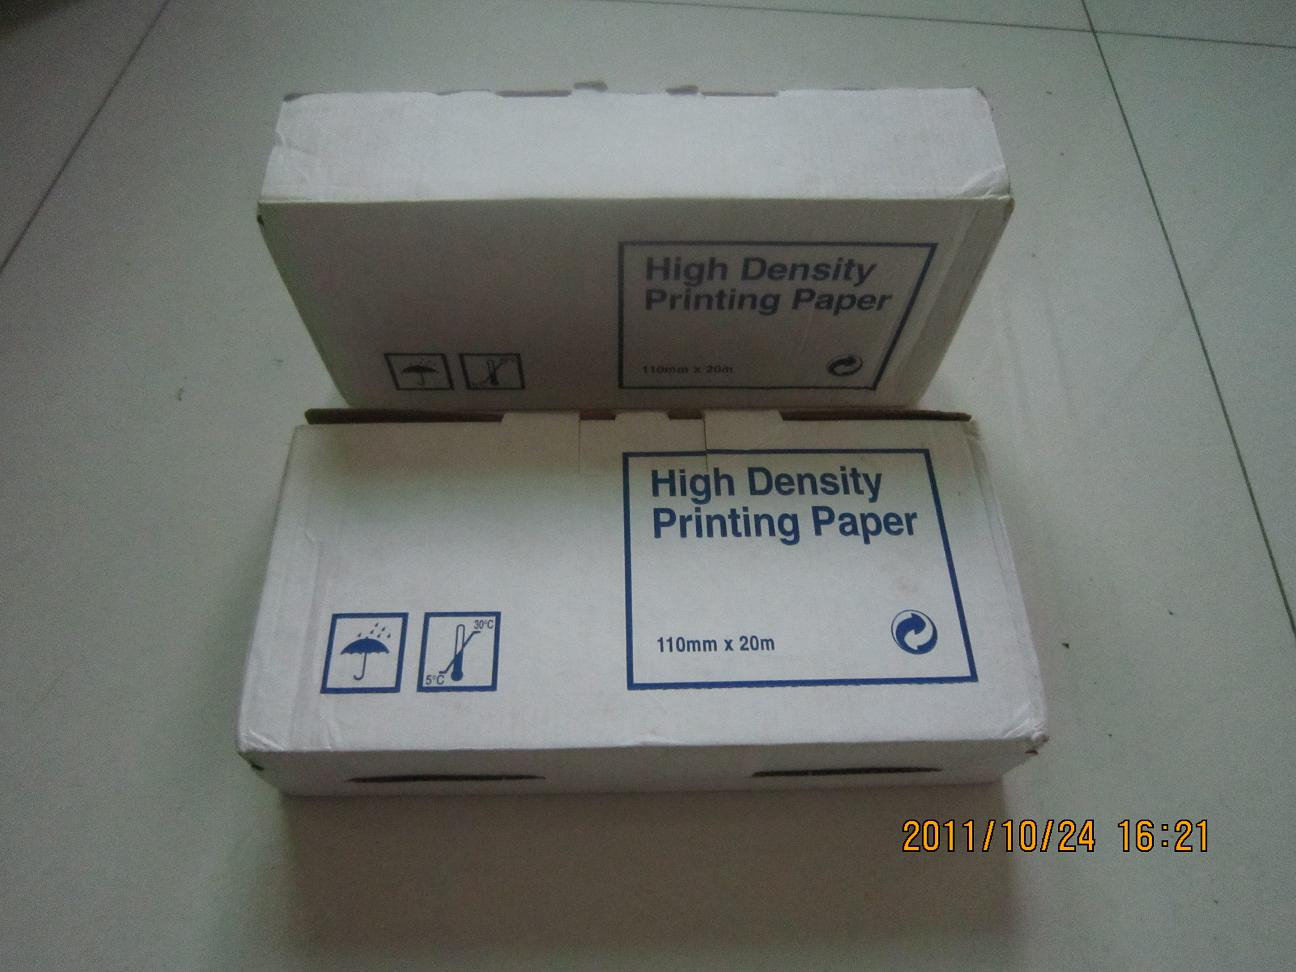 SONY UPP-110HD, SONY UPP-110S,SONY UPP-110HG